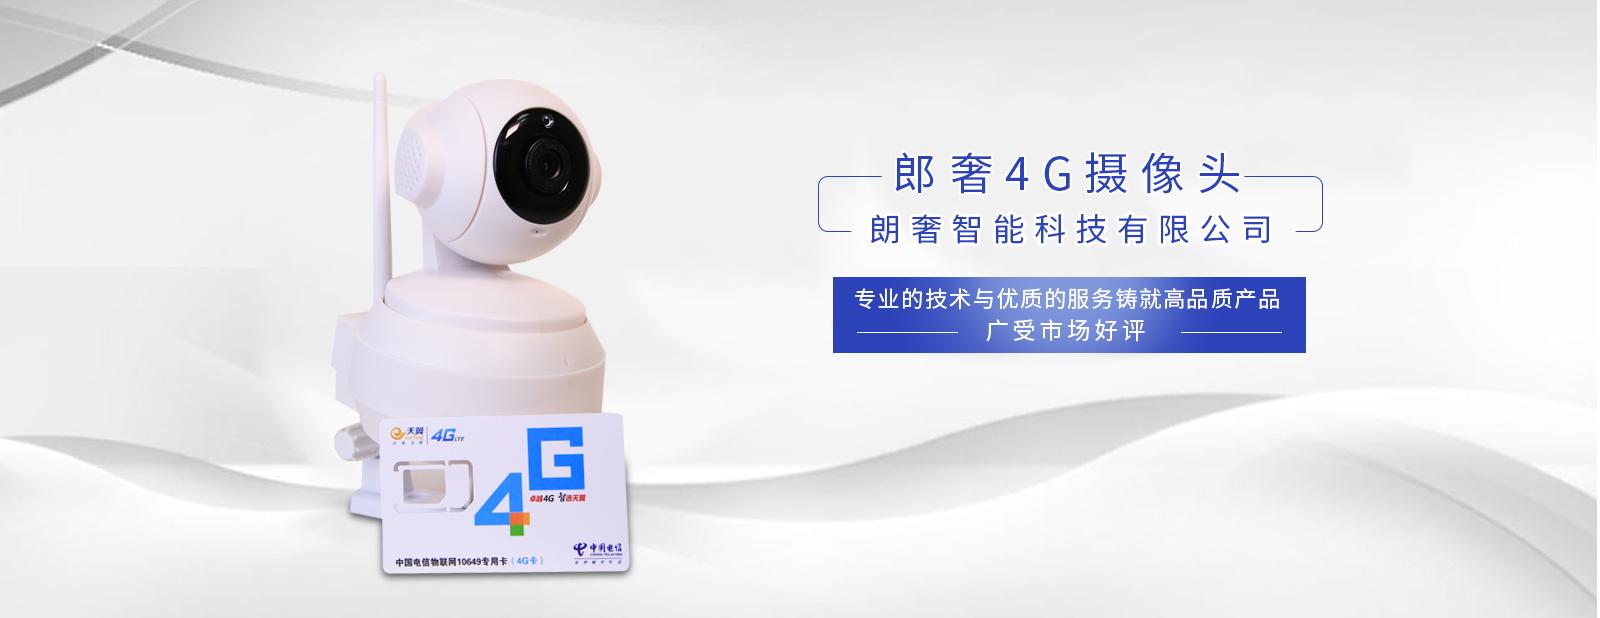 4G网络摄像头